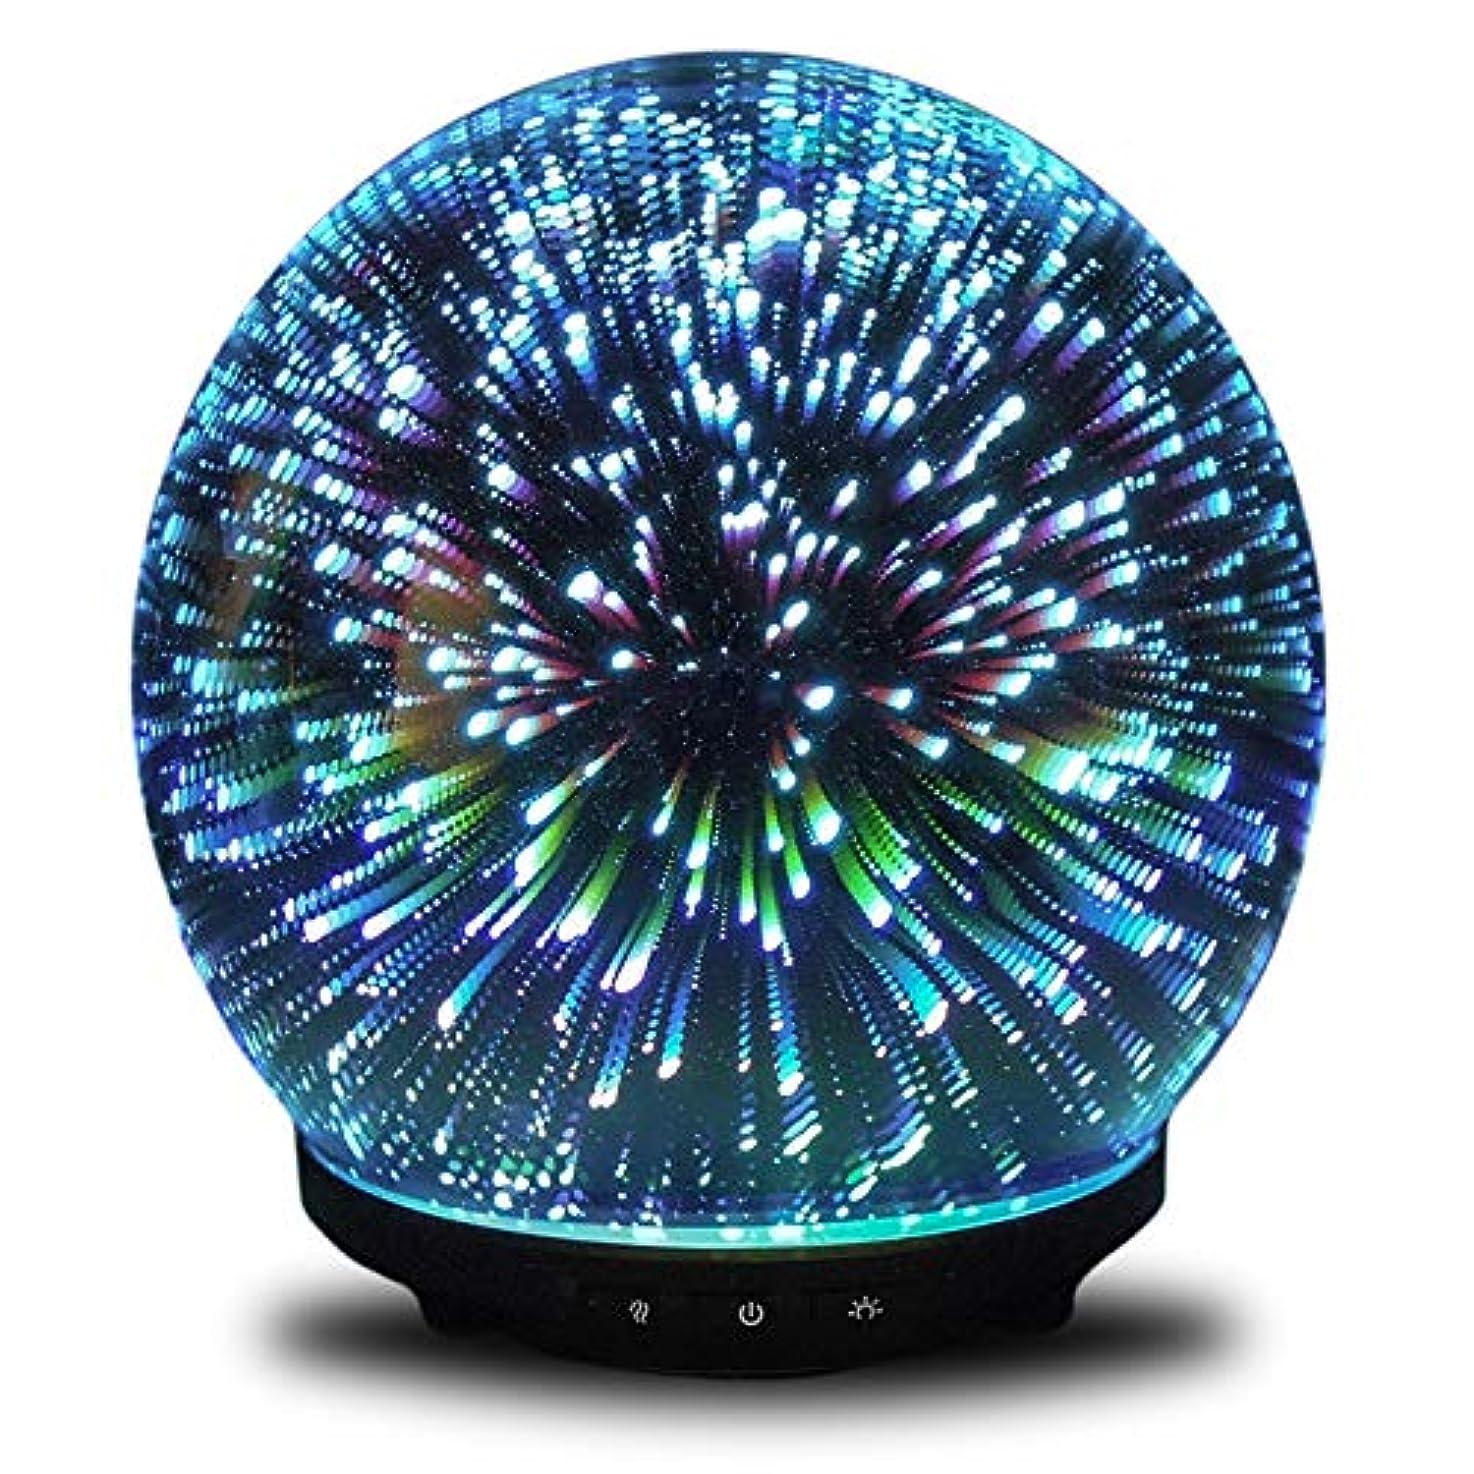 支払い死にかけている文房具ORION by Simply Diffusers   Original 3D Aromatherapy Essential Oil Cool Mist Diffuser   3 Button Technology for...